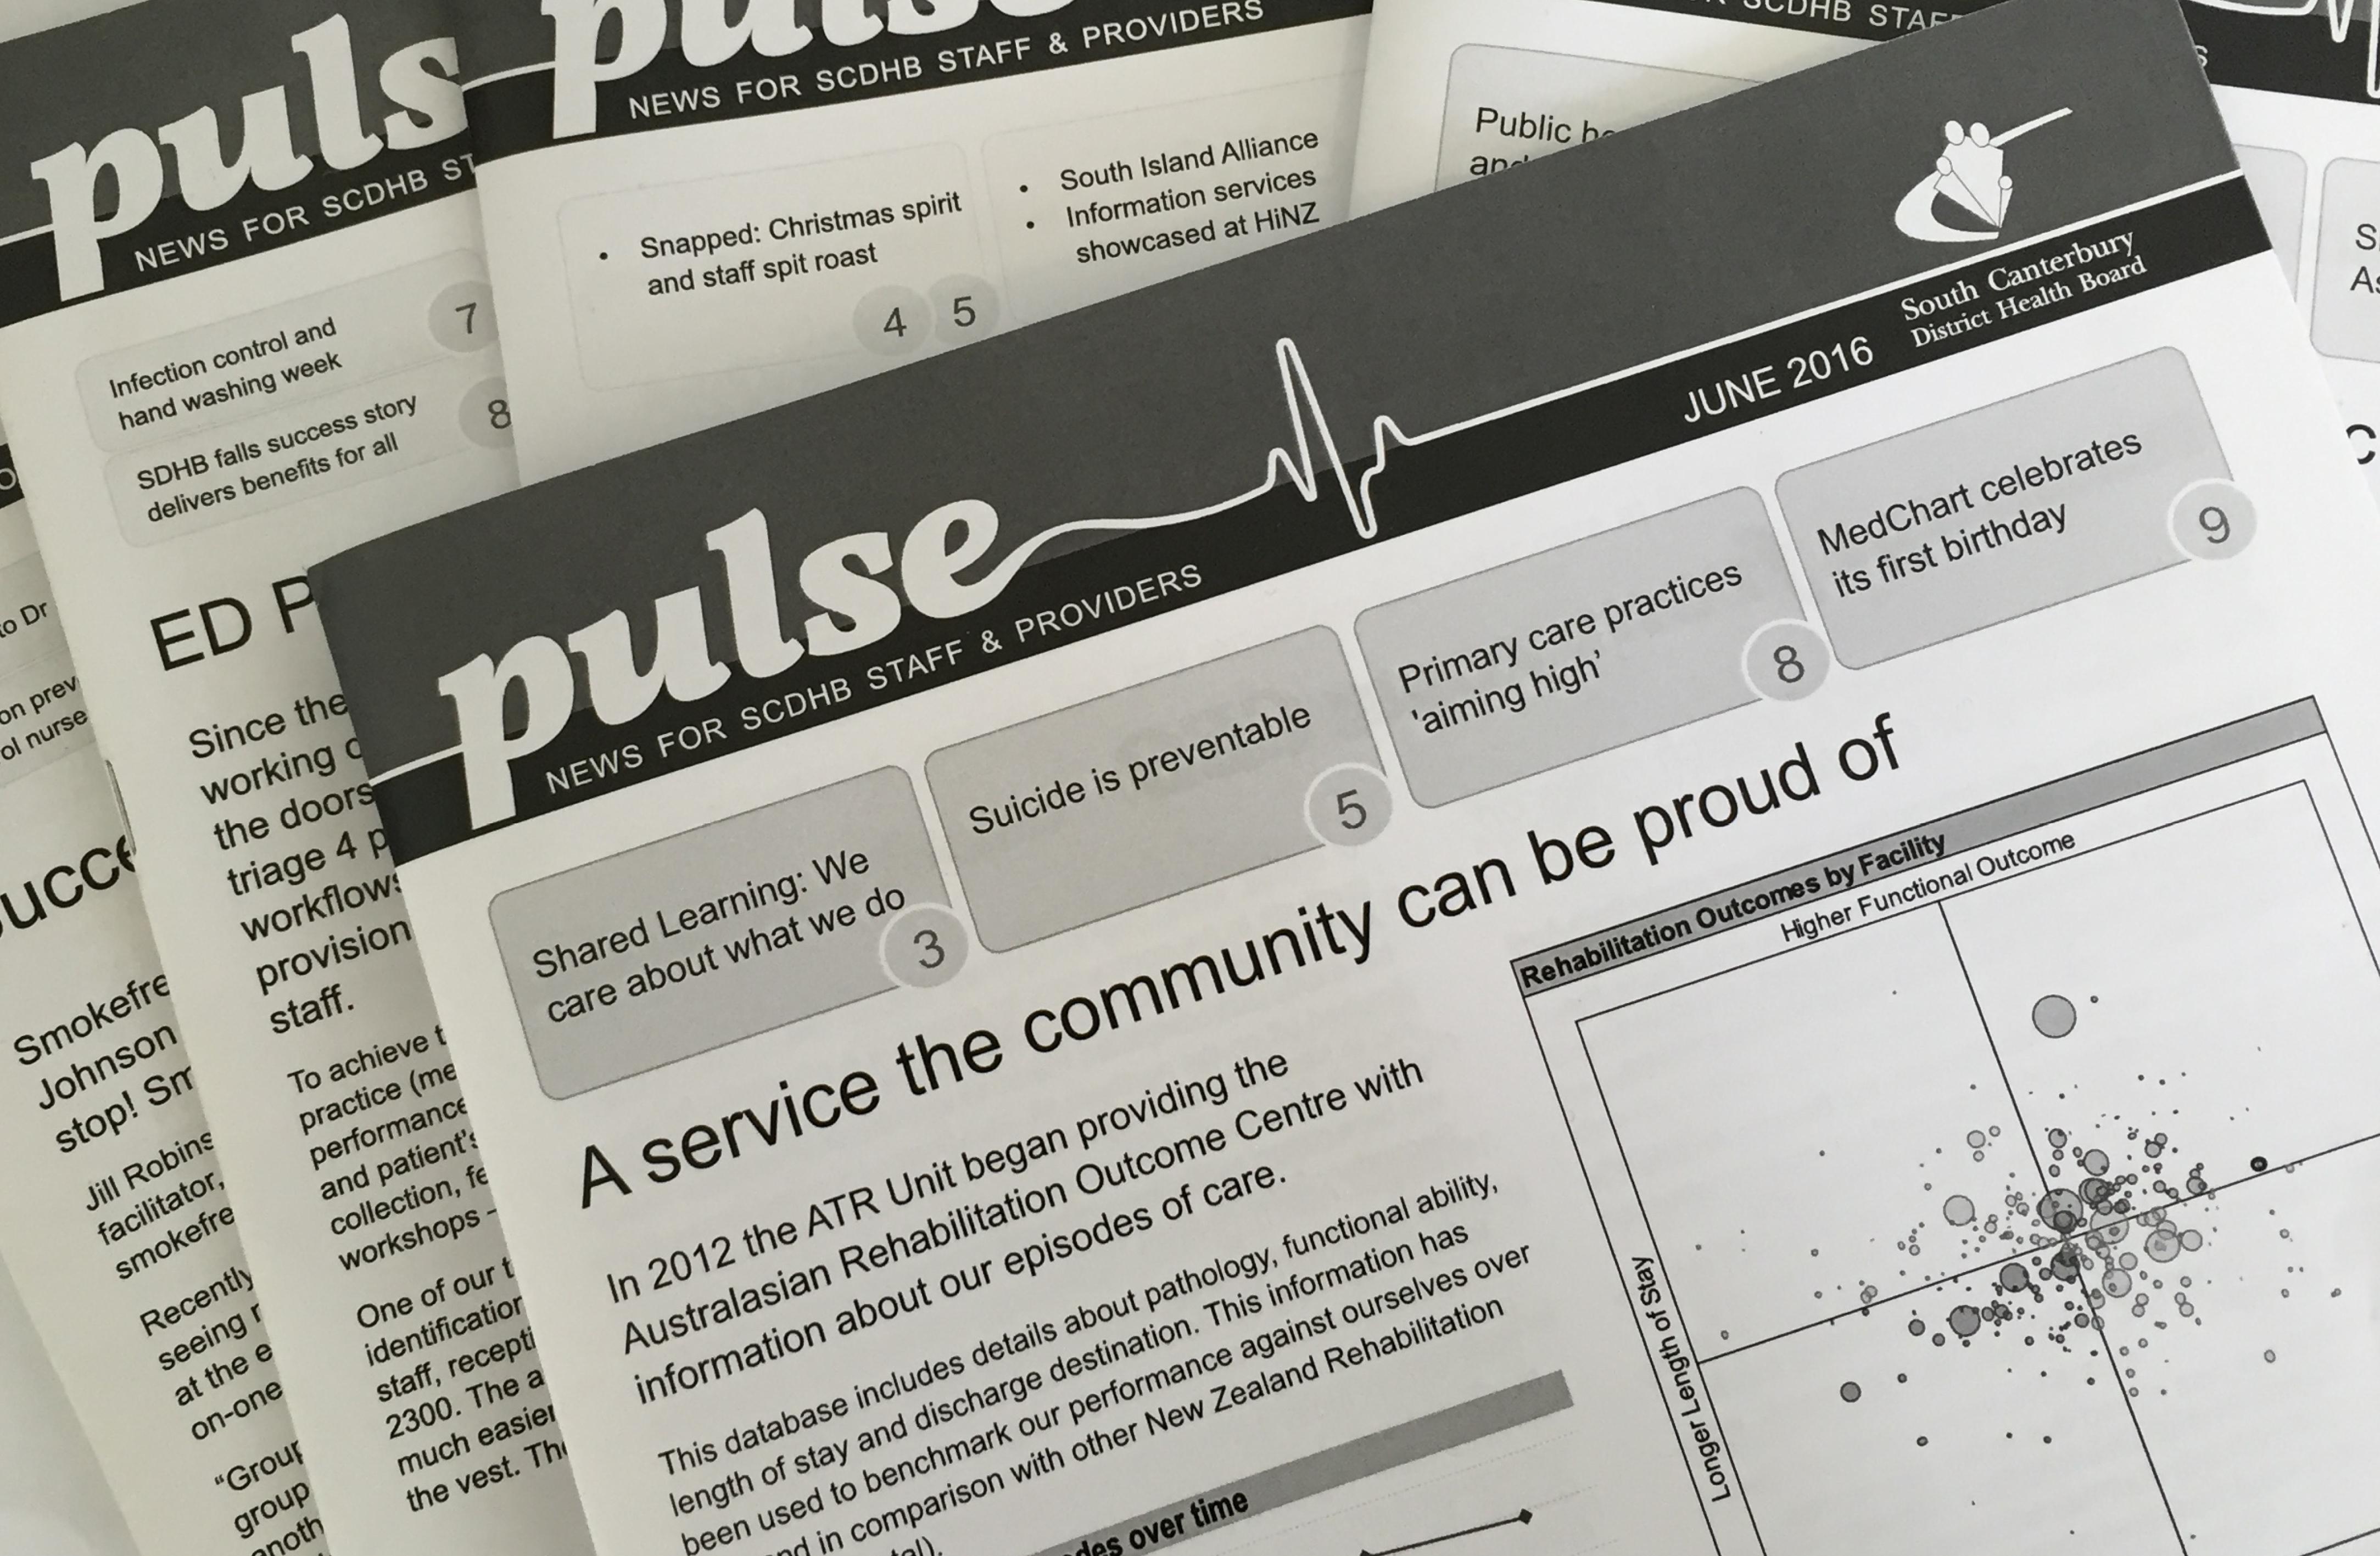 Pulse Newsletter thumbnail image.